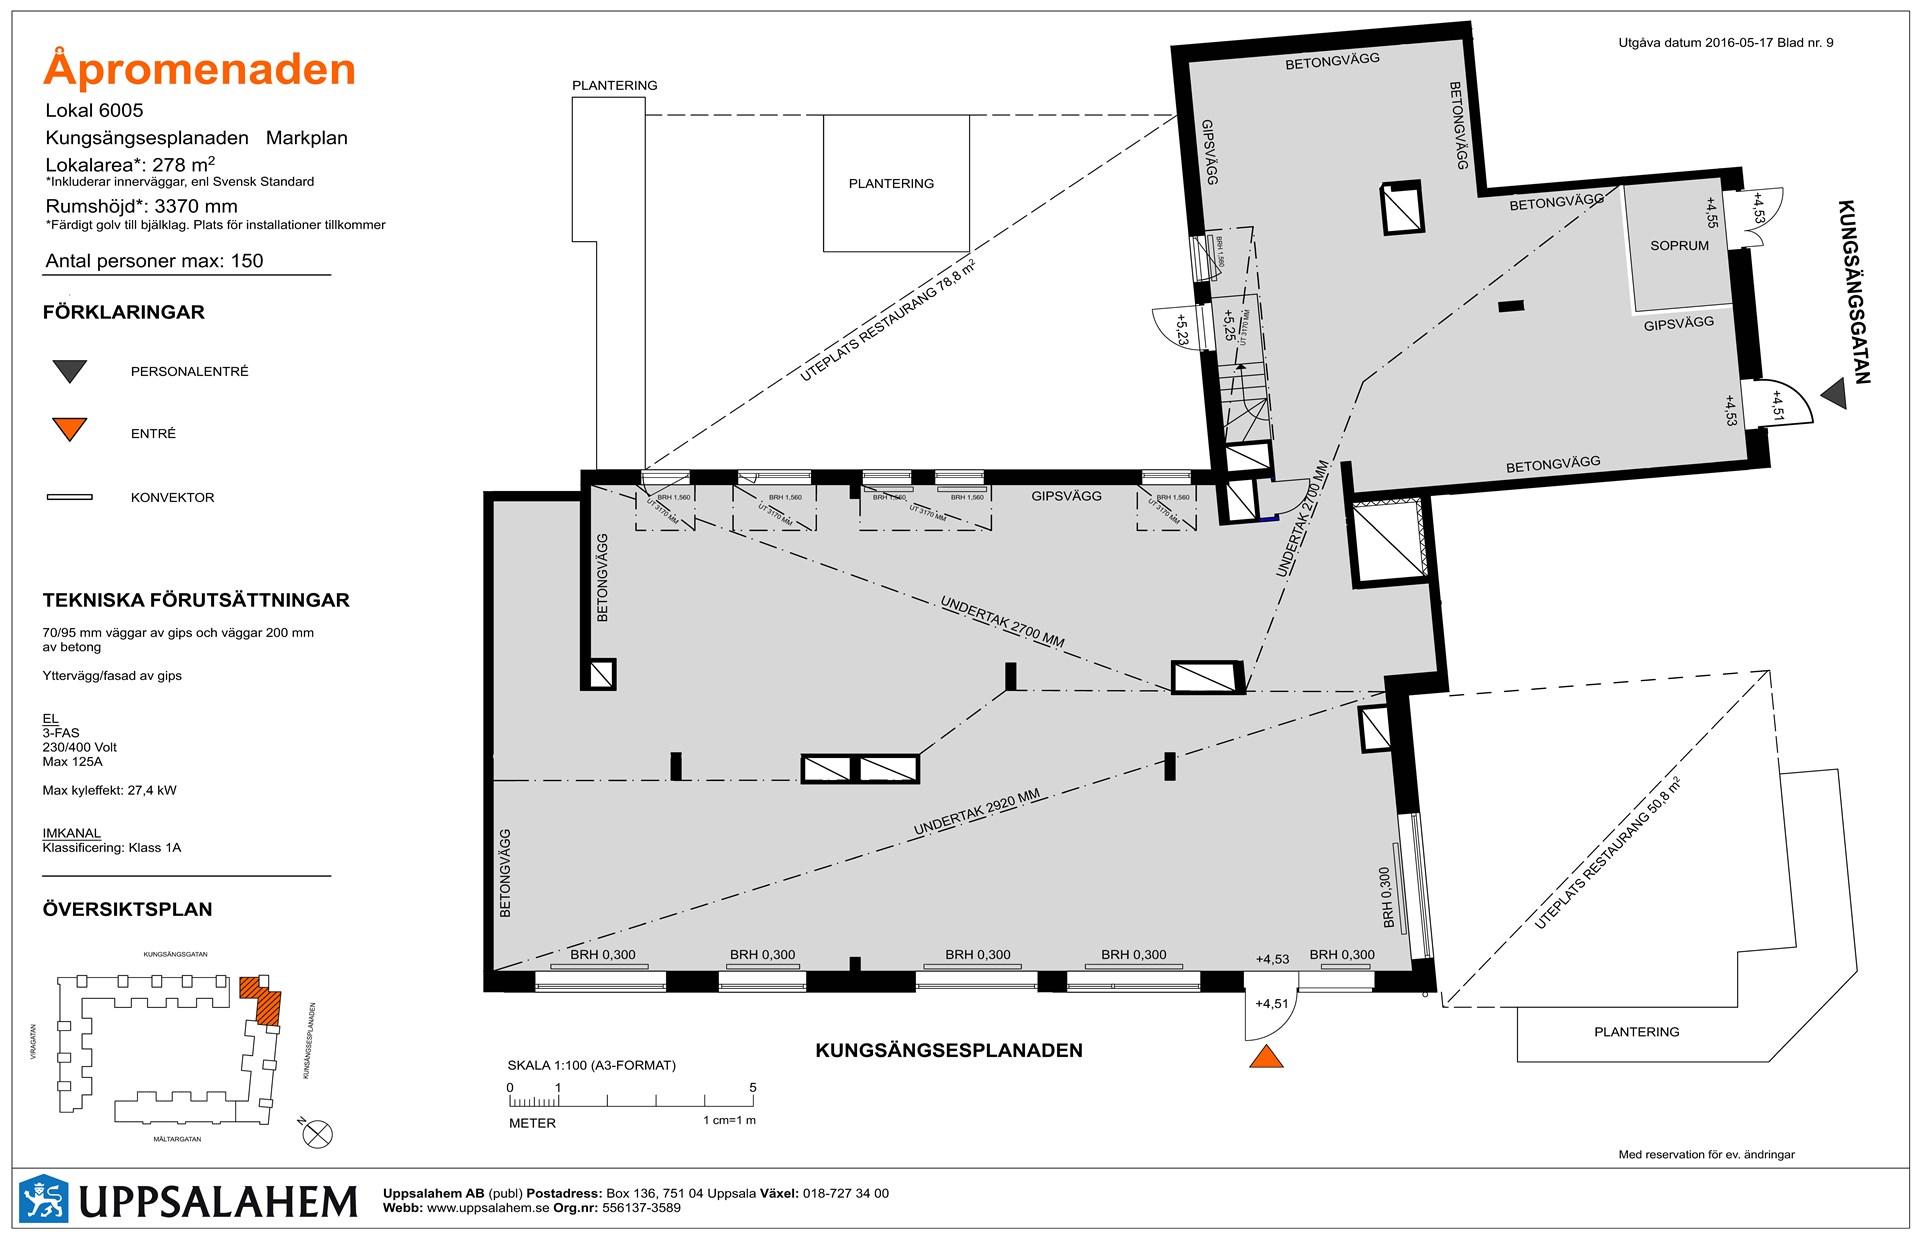 Lokal 5 - 278 m² Inflytt kvartal 3, 2017